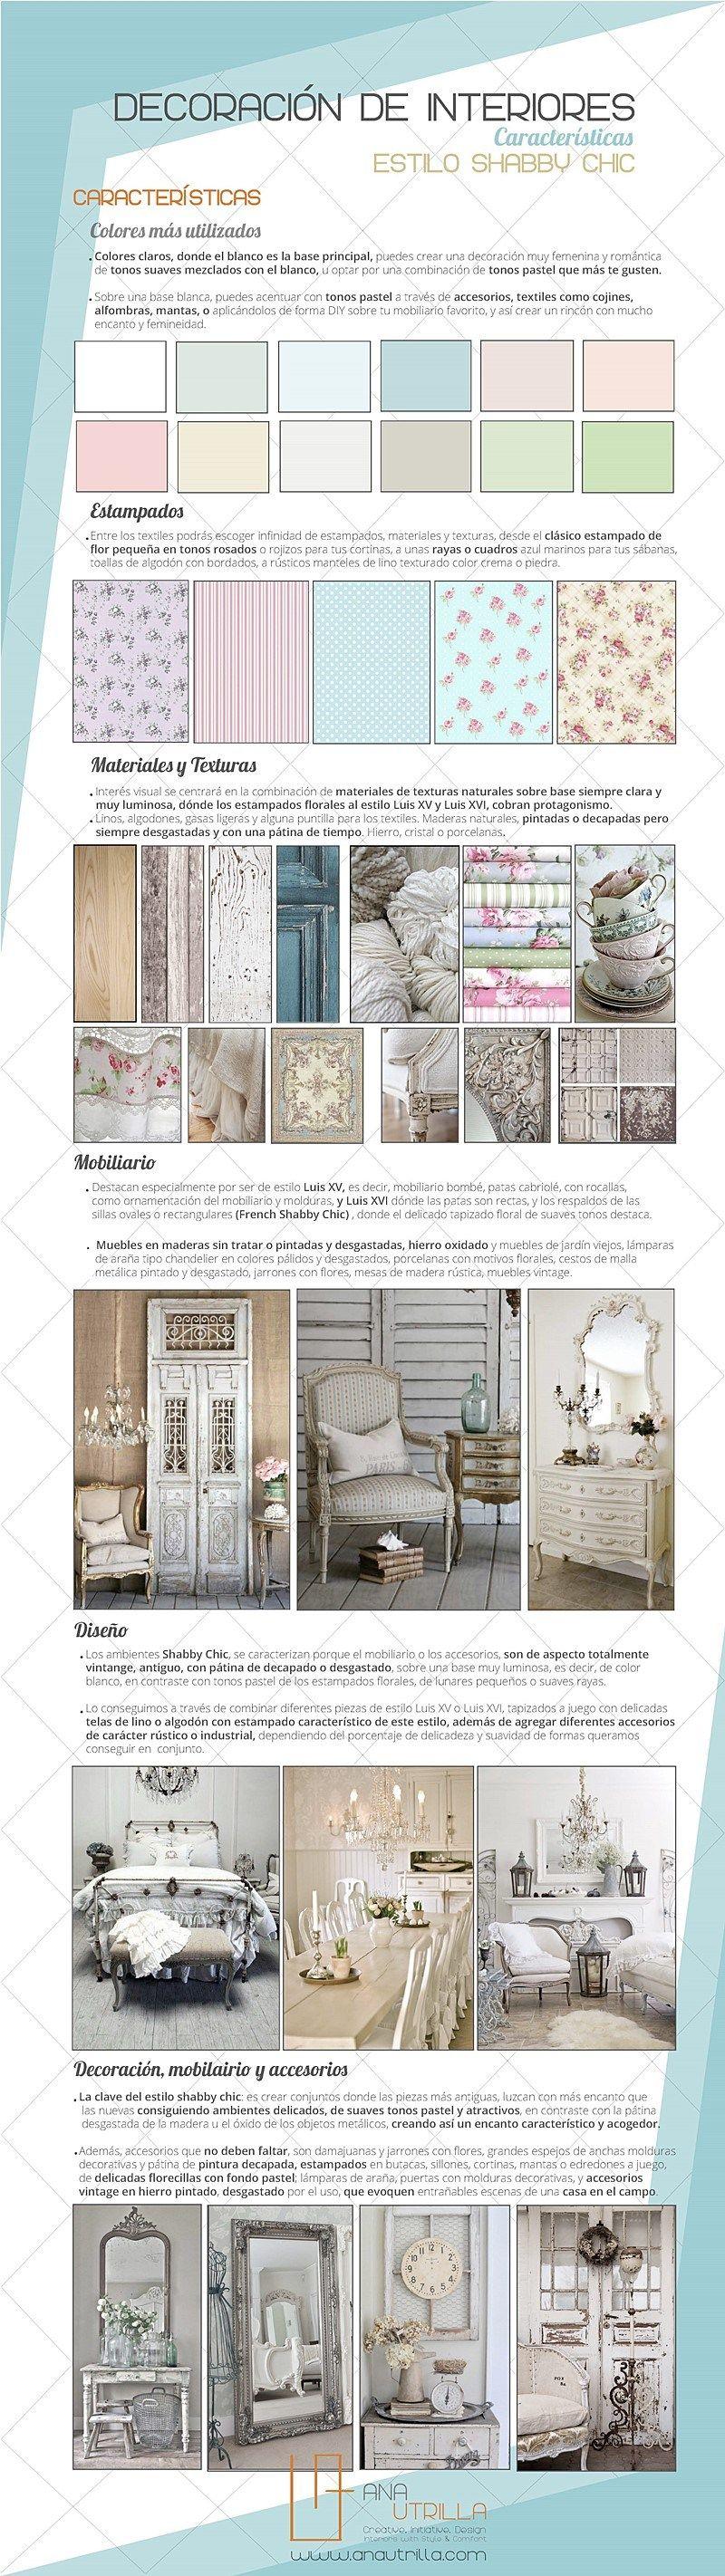 5d1db15e59a Infografía estilo shabby chic en decoración de interiores por Ana Utrilla